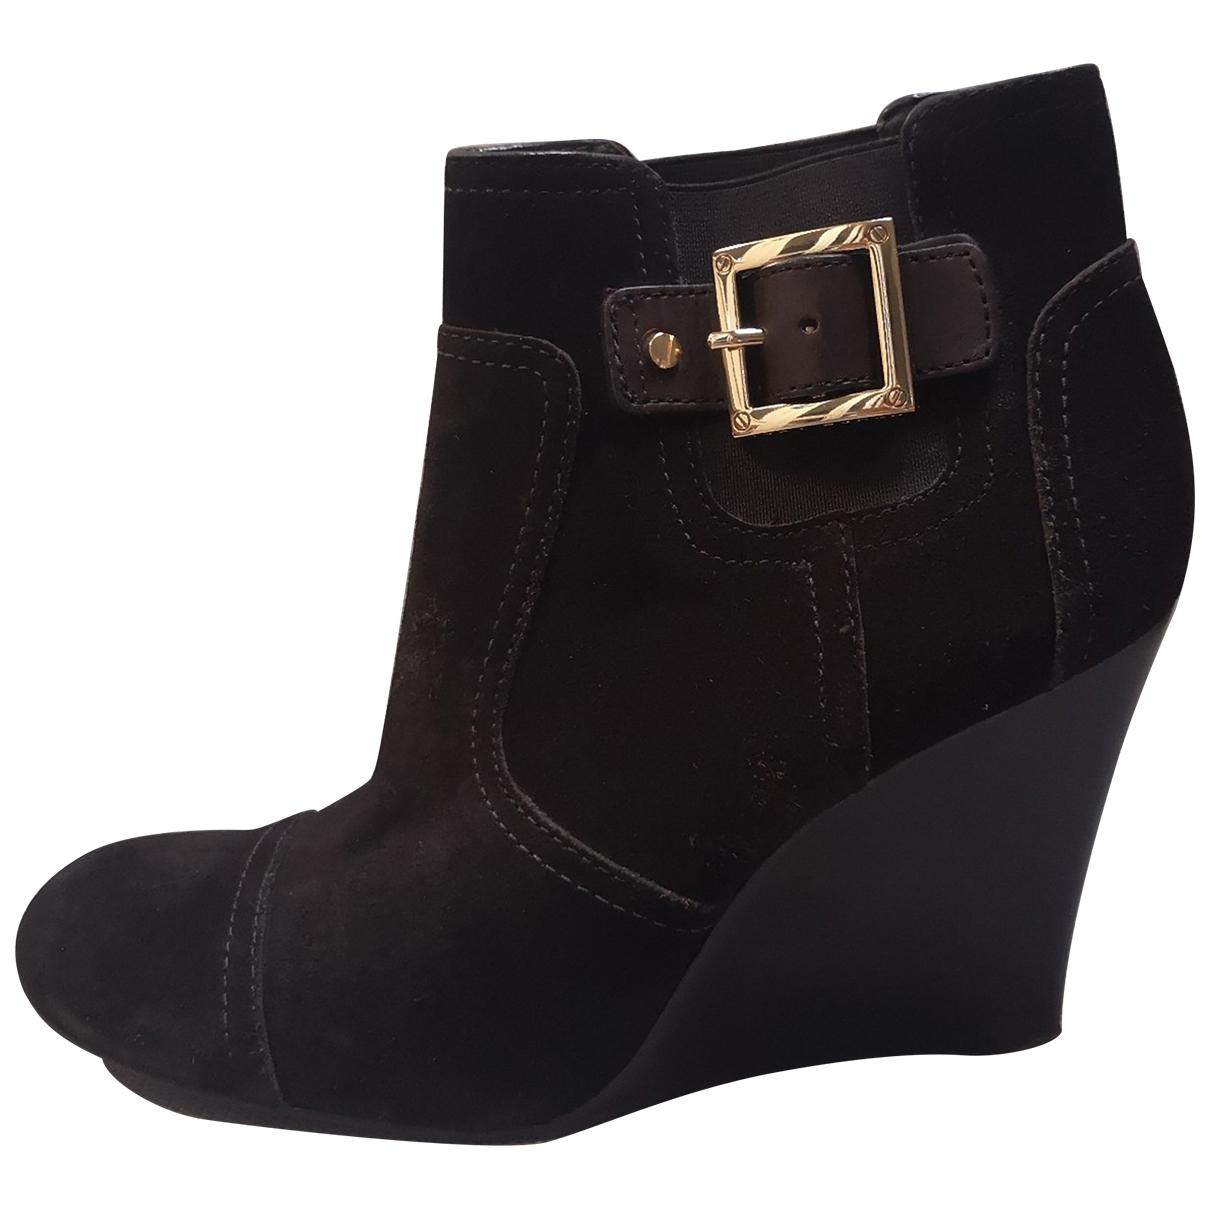 Tory Burch - Boots   pour femme en suede - noir